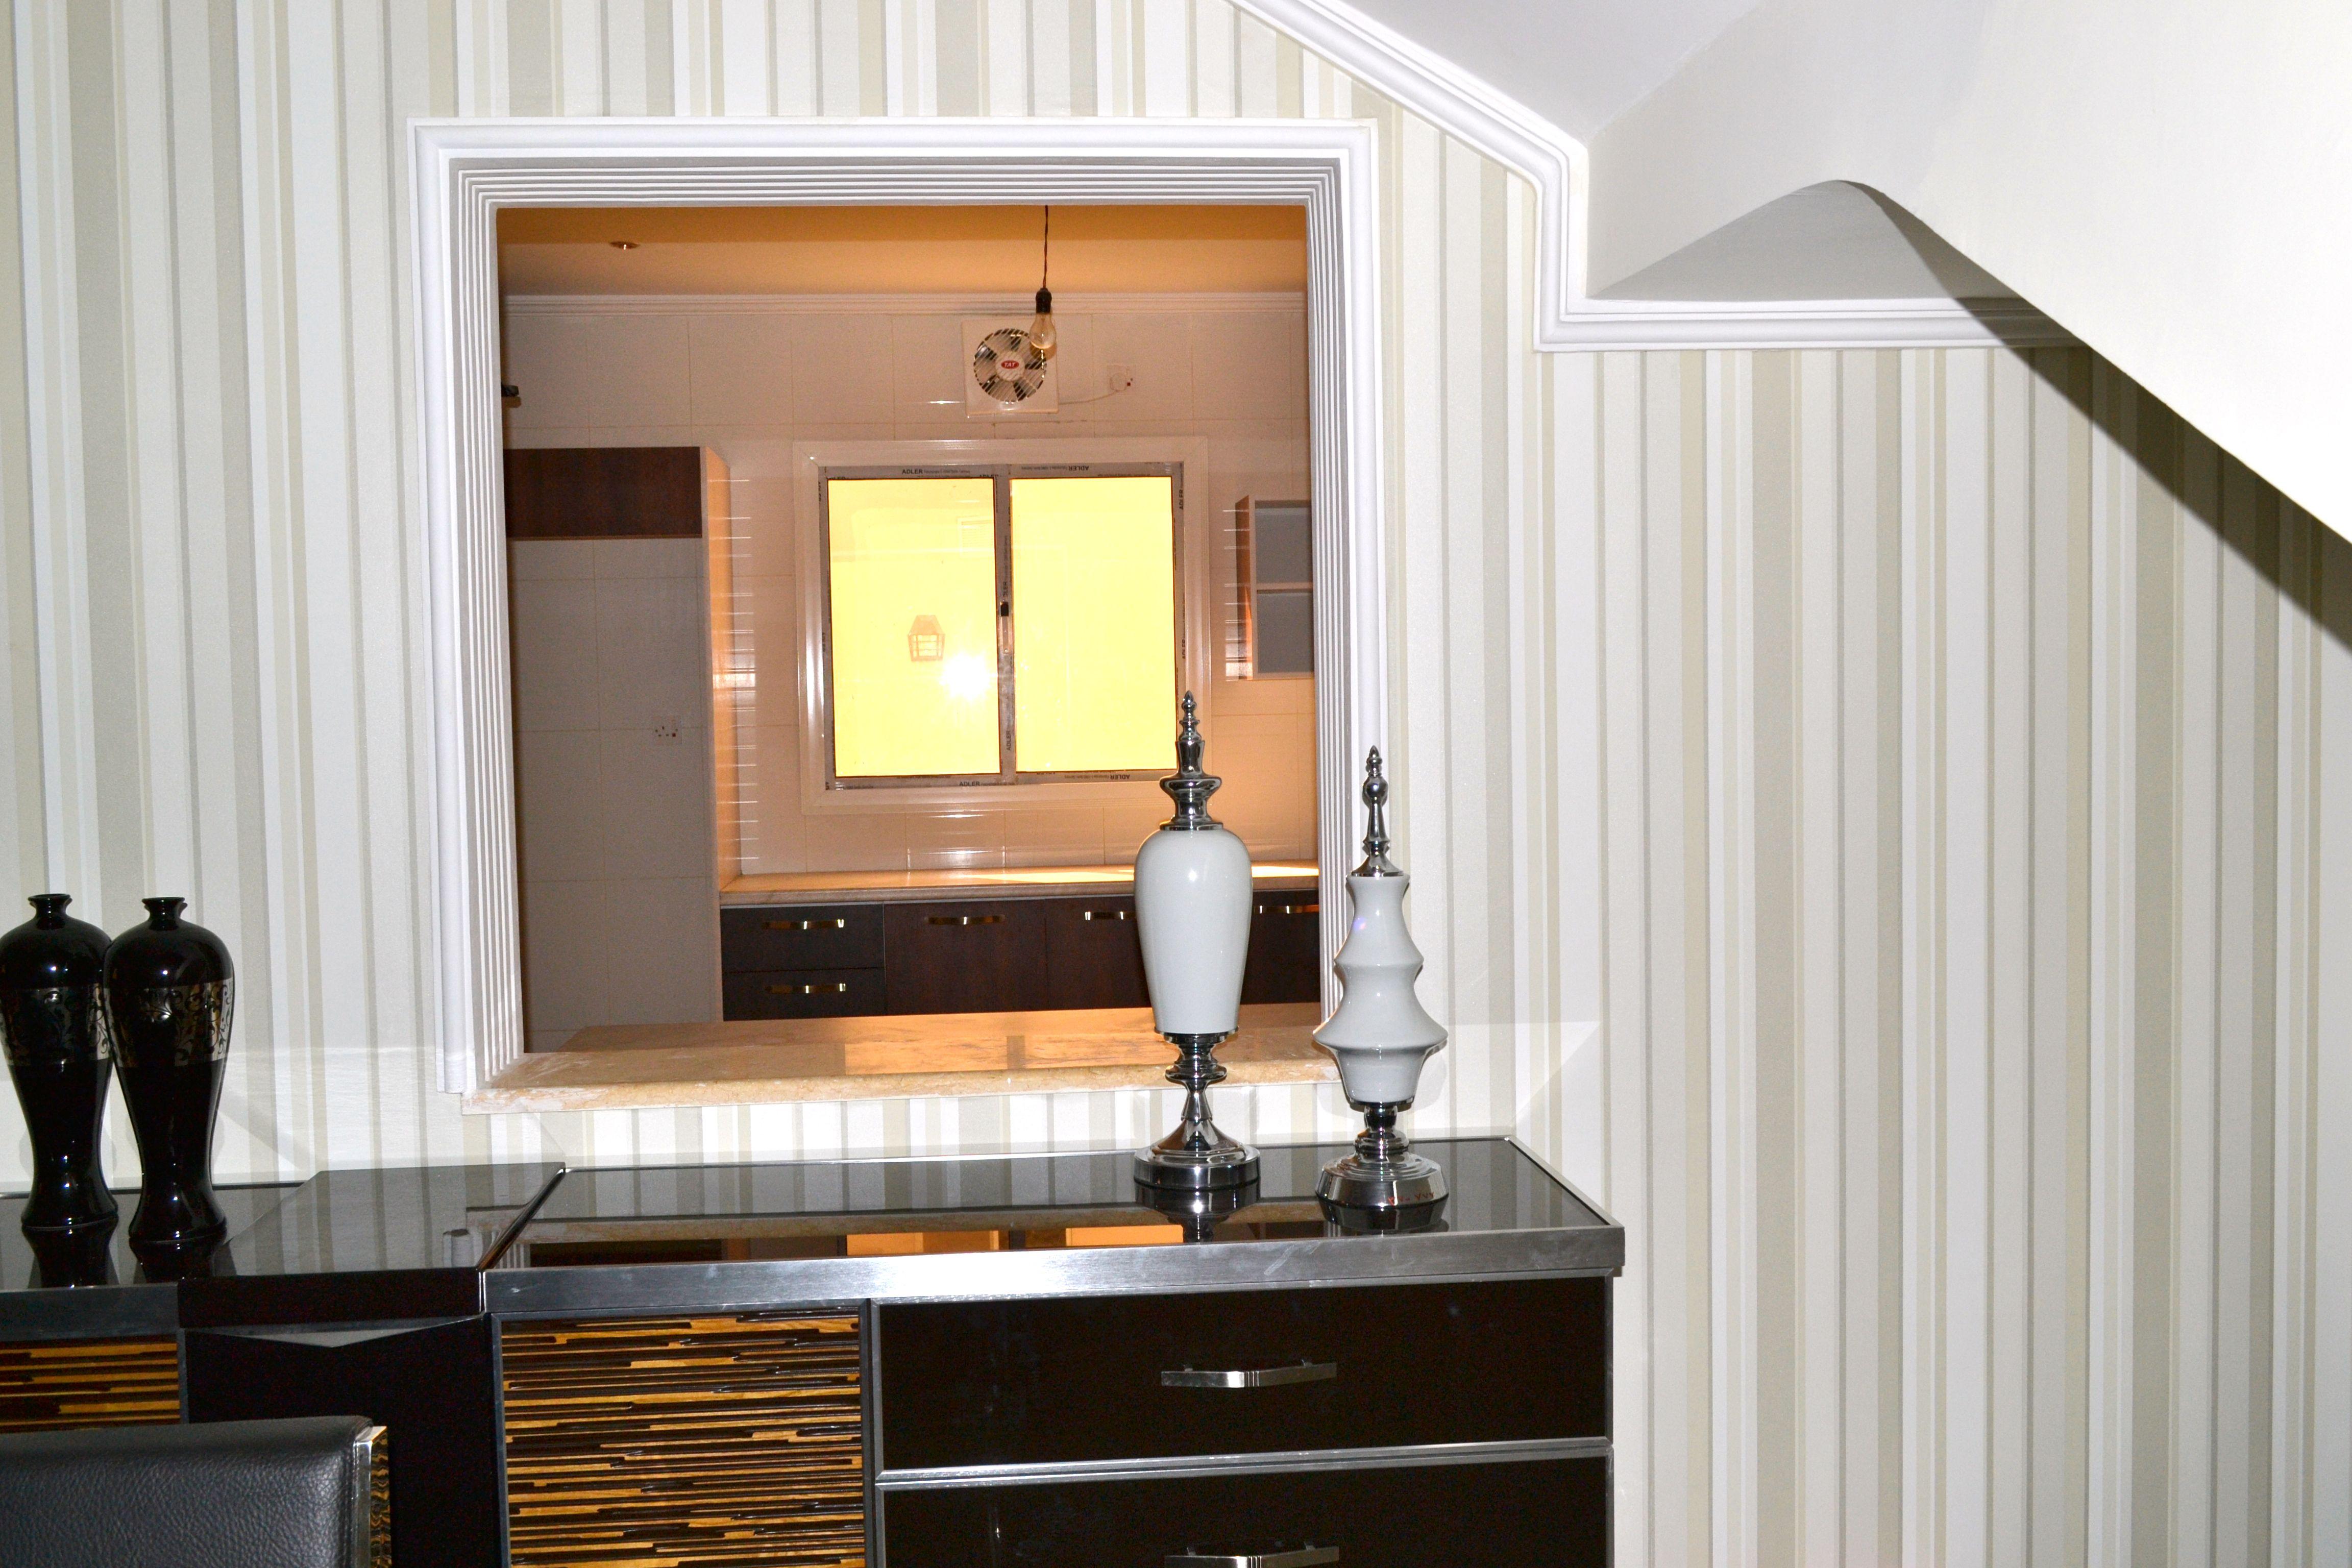 فلل المعالي ( 4 ) - كنوز المتميزة | Home, Home decor ...